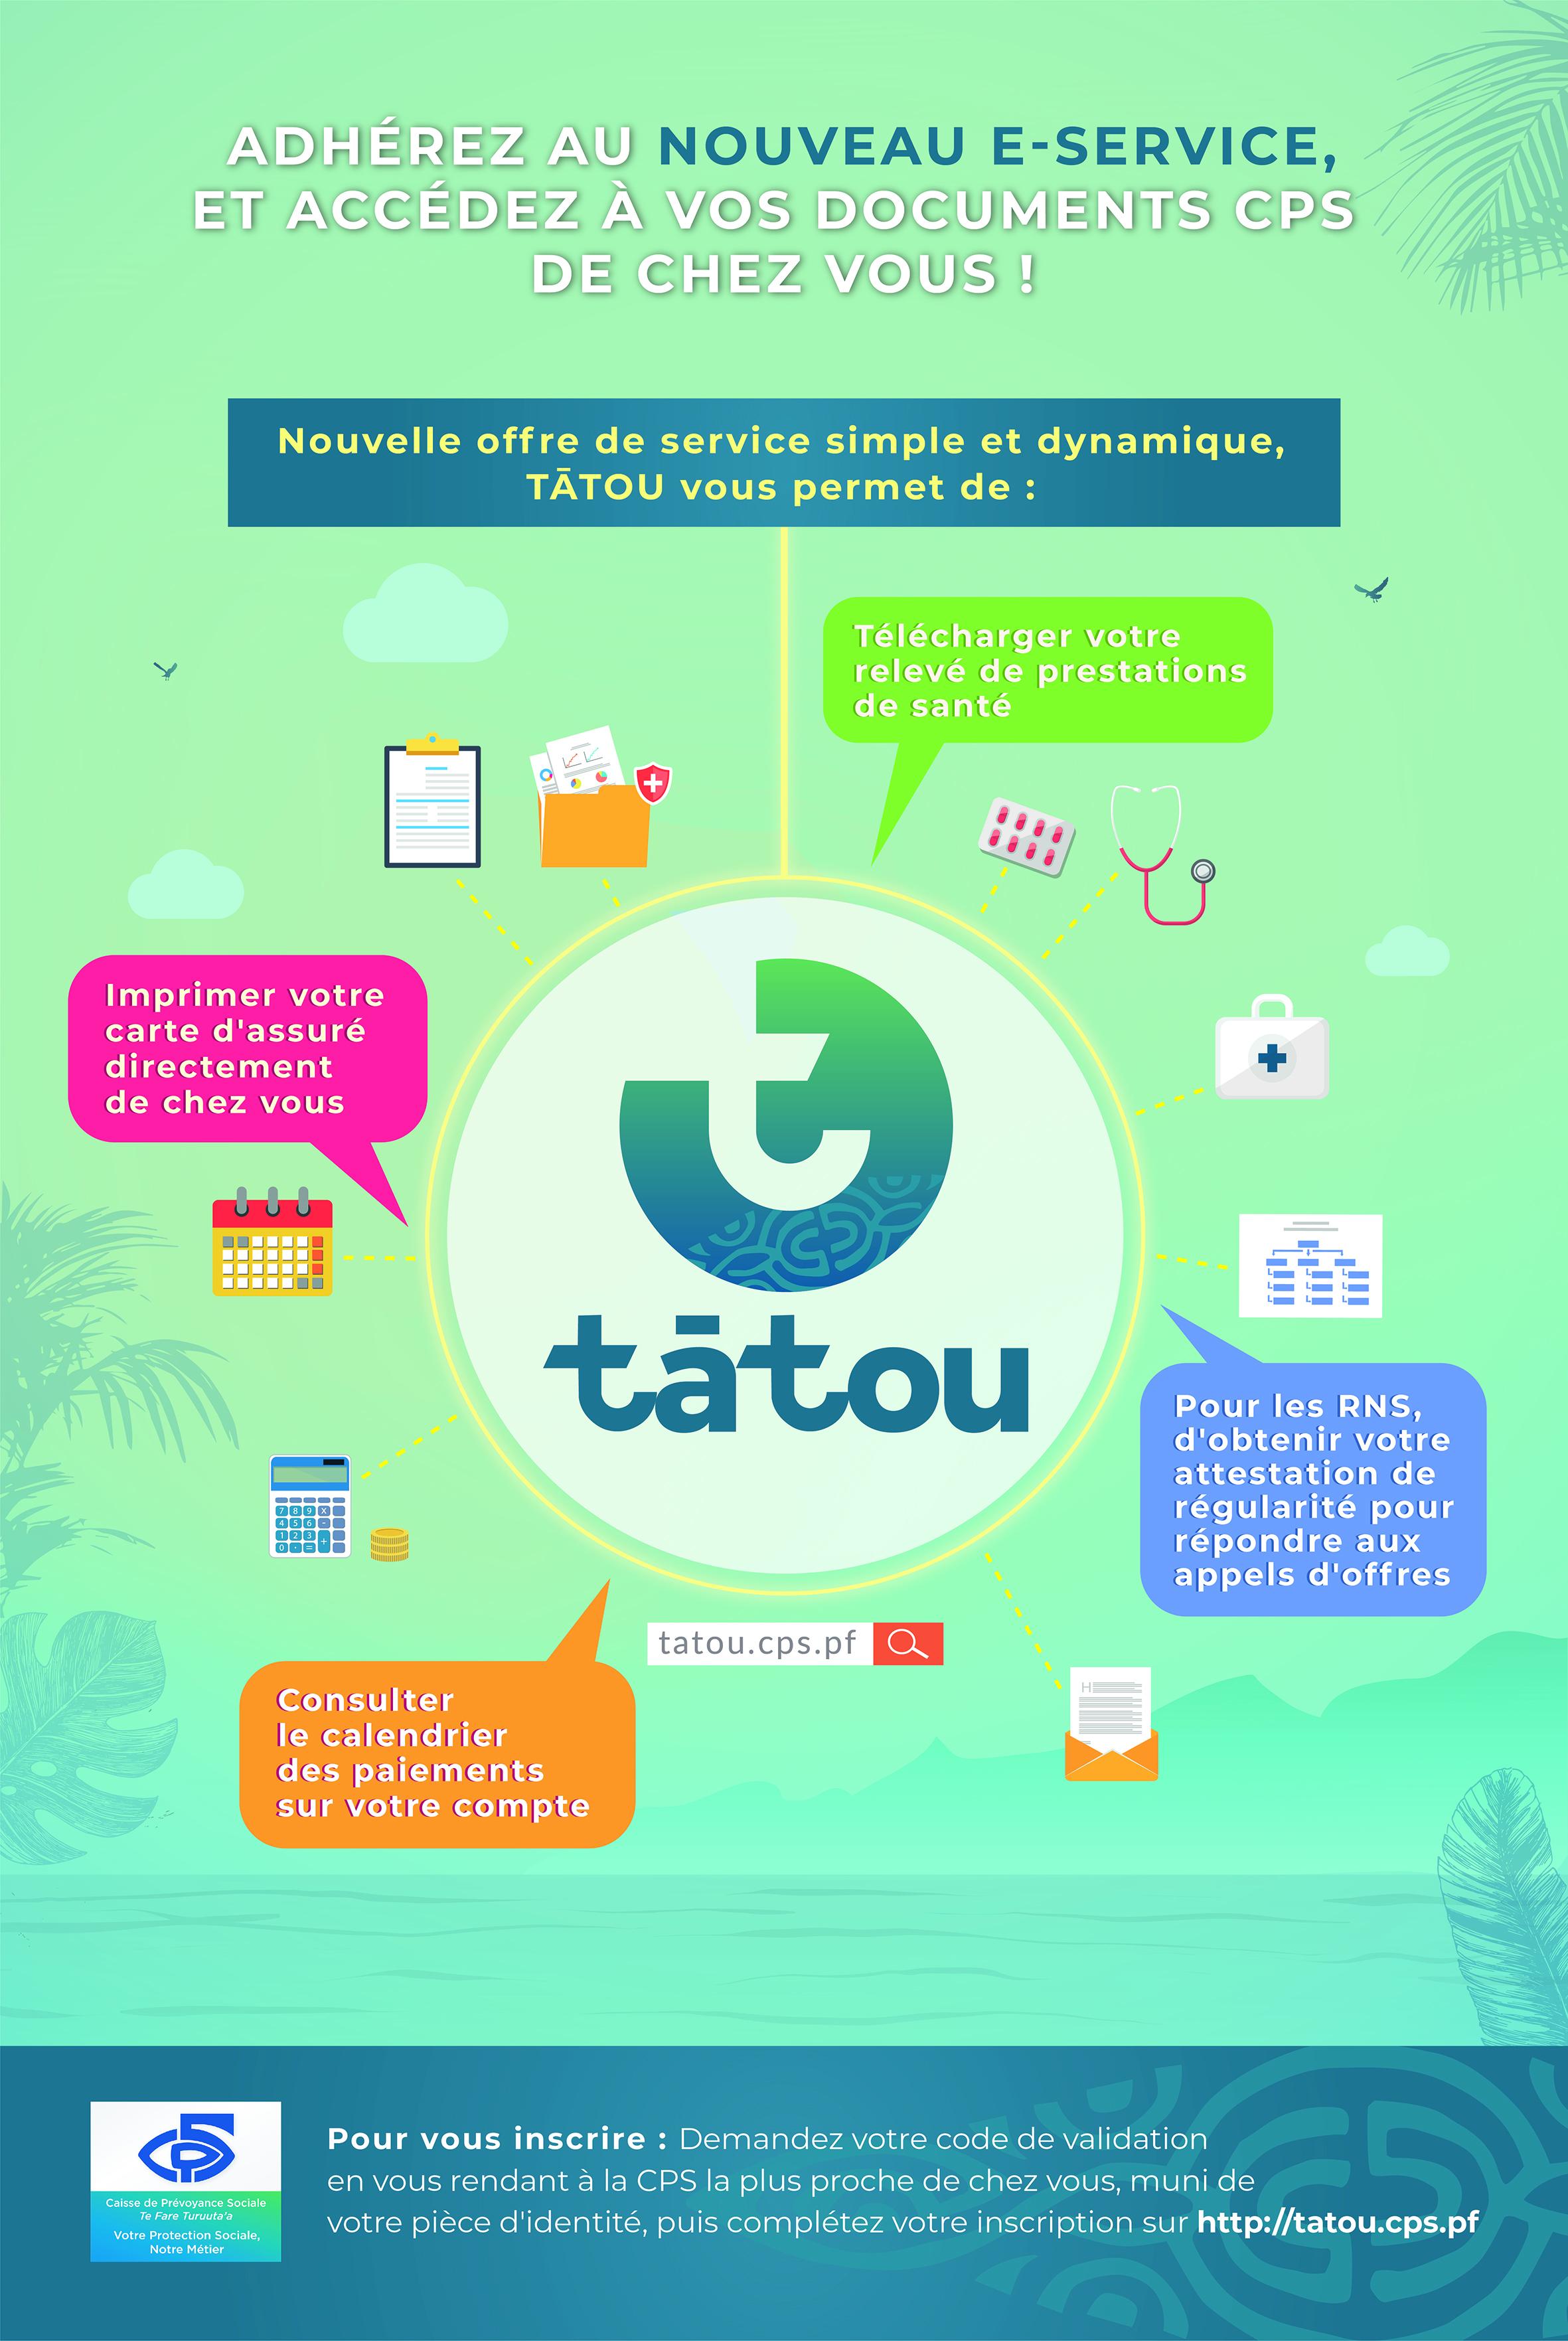 Tātou, la plateforme de e-services des assurés de la CPS